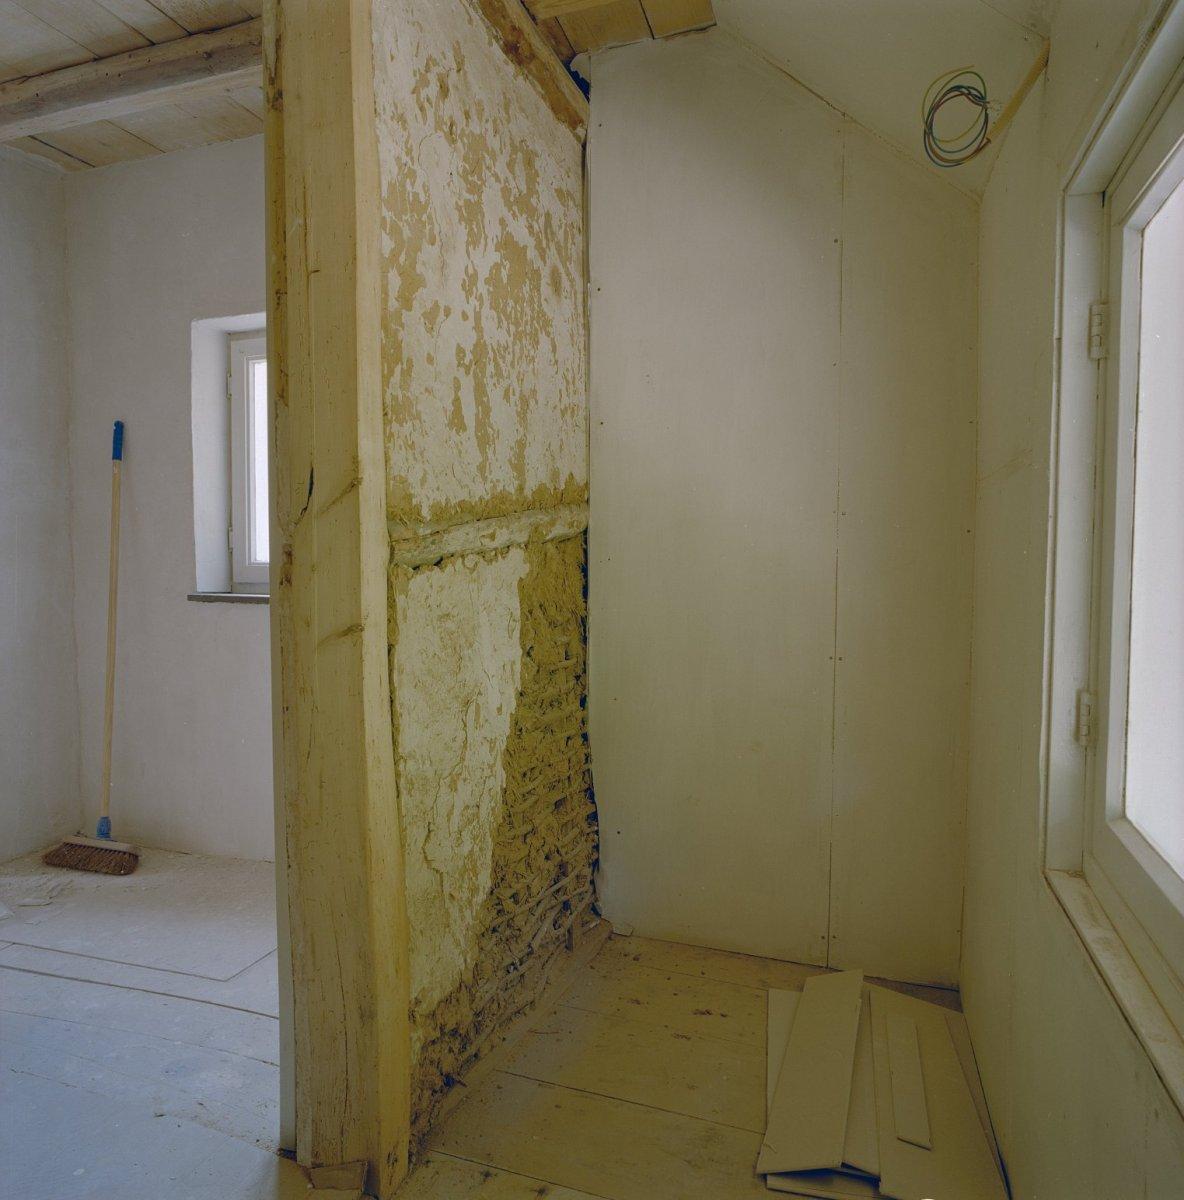 File interieur bovenverdieping muur van leem mheer 20331170 - Interieur muur ...